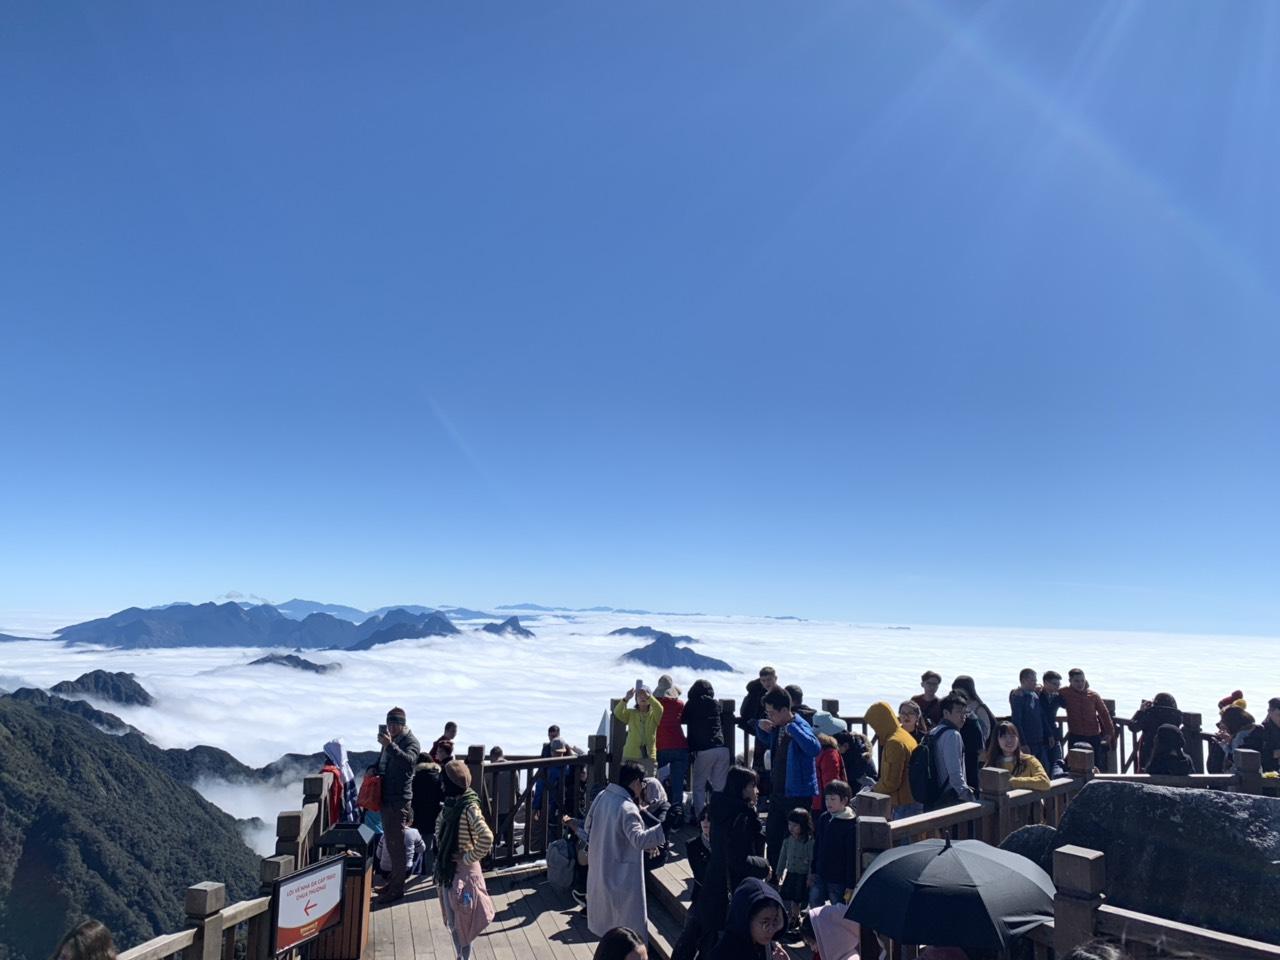 Suối băng xuất hiện tại đỉnh Fansipan 3